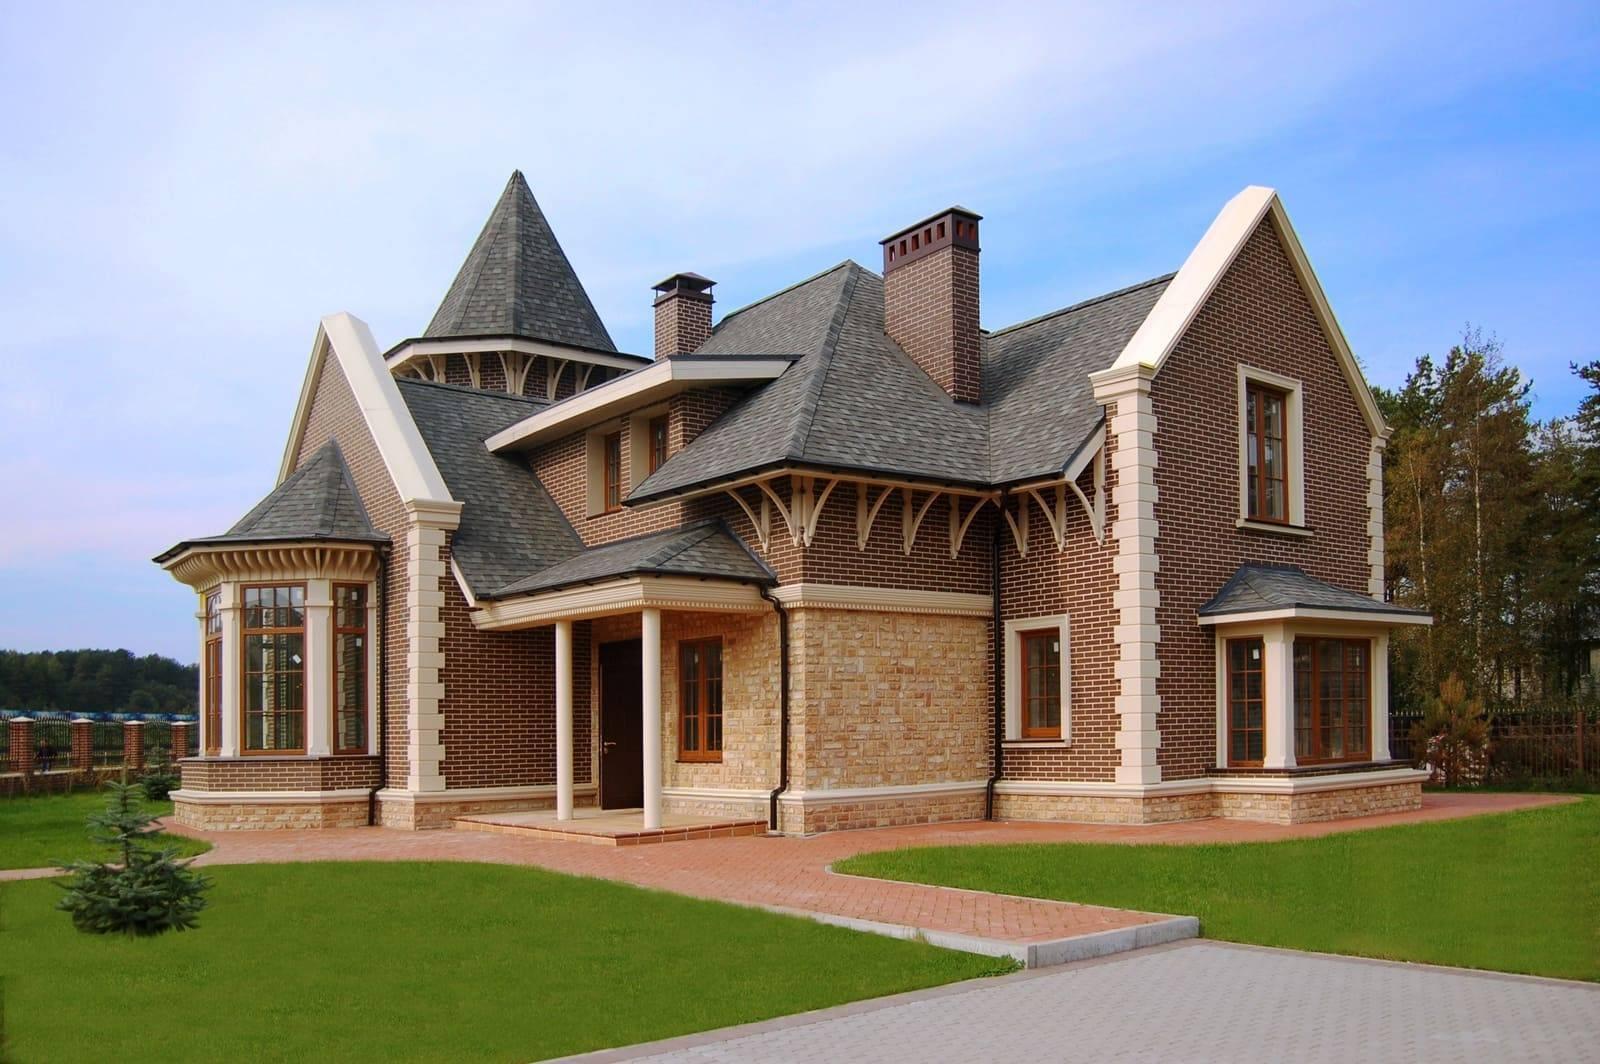 Самые необычные дома и коттеджи в мире - оригинальные и красивые проекты, внутри и снаружи, интересная планировка и интерьер + фото и видео